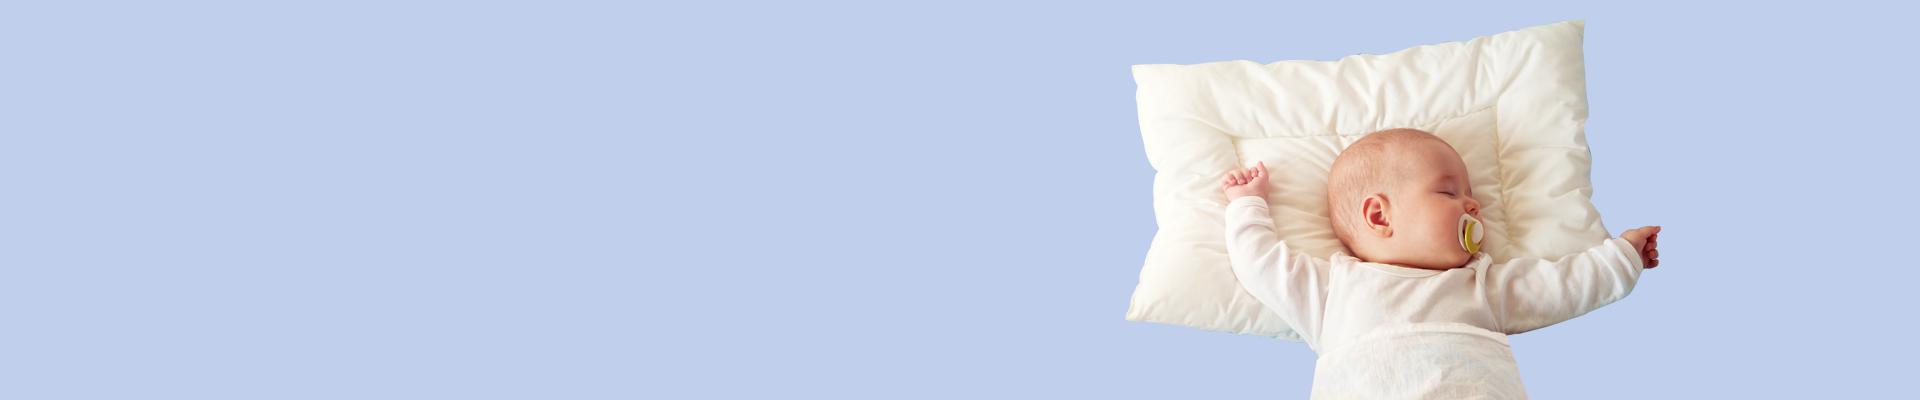 Jual Bantal & Guling Bayi - Harga Termurah